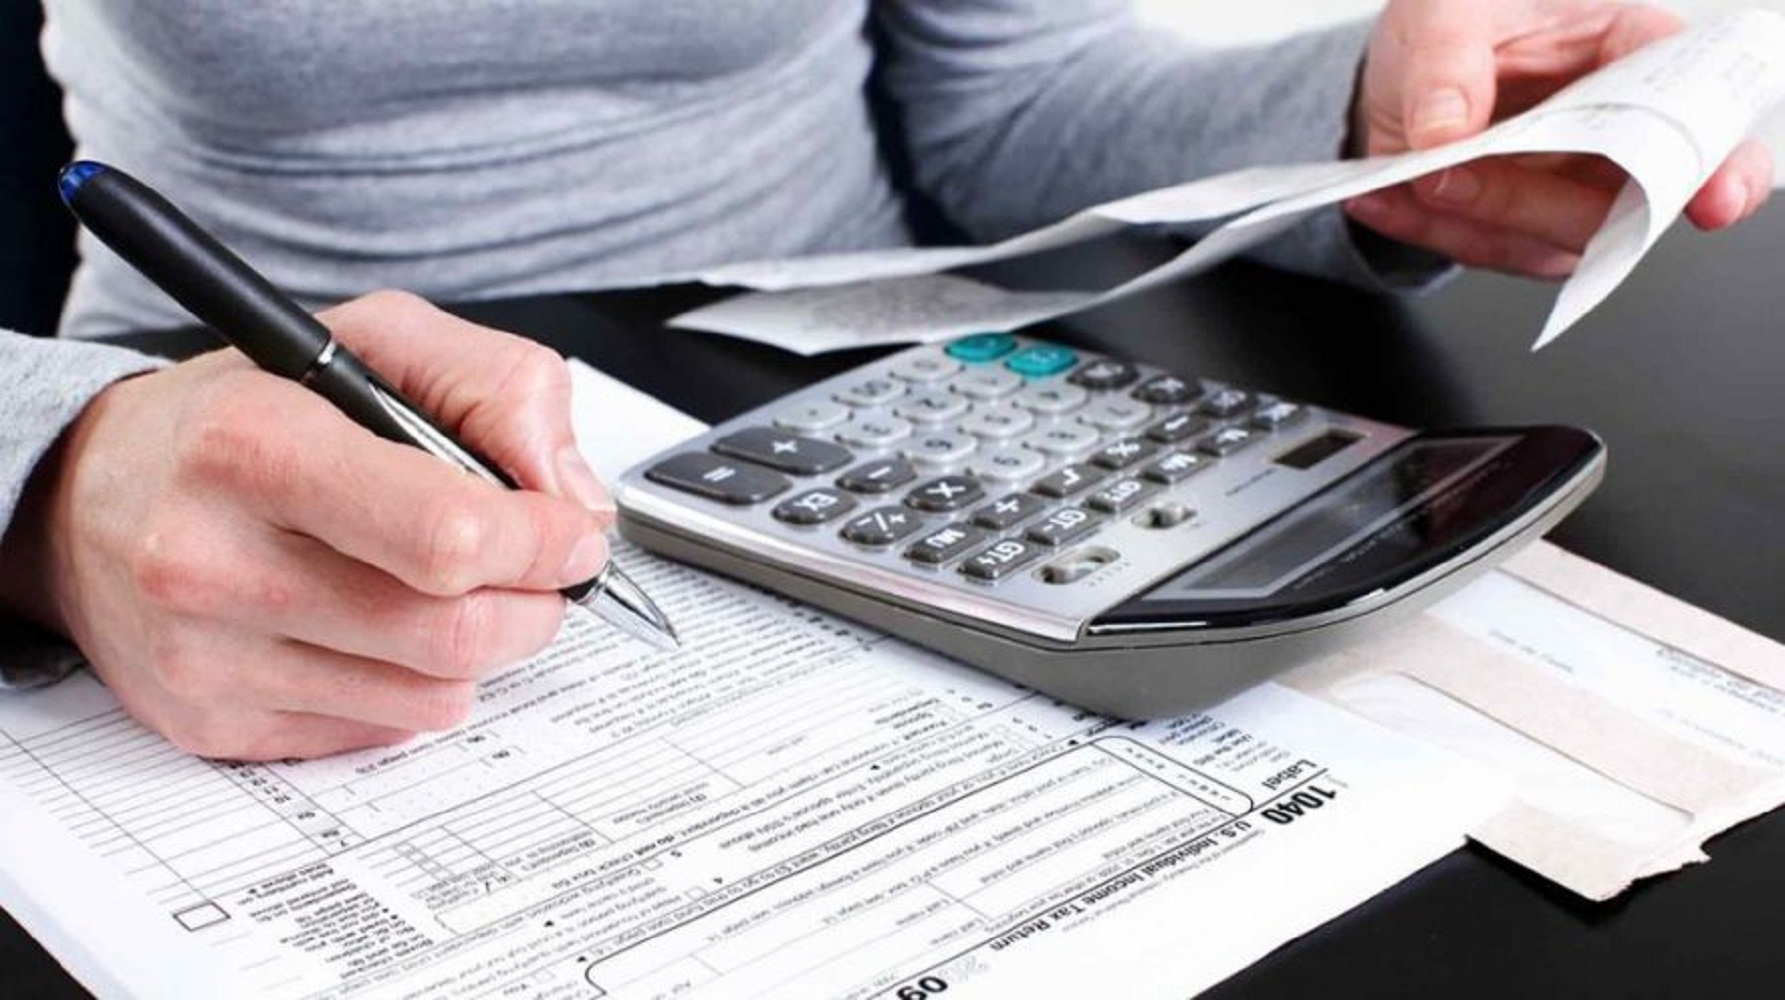 Підприємці першої групи можуть не платити єдиний податок до травня 2021 року